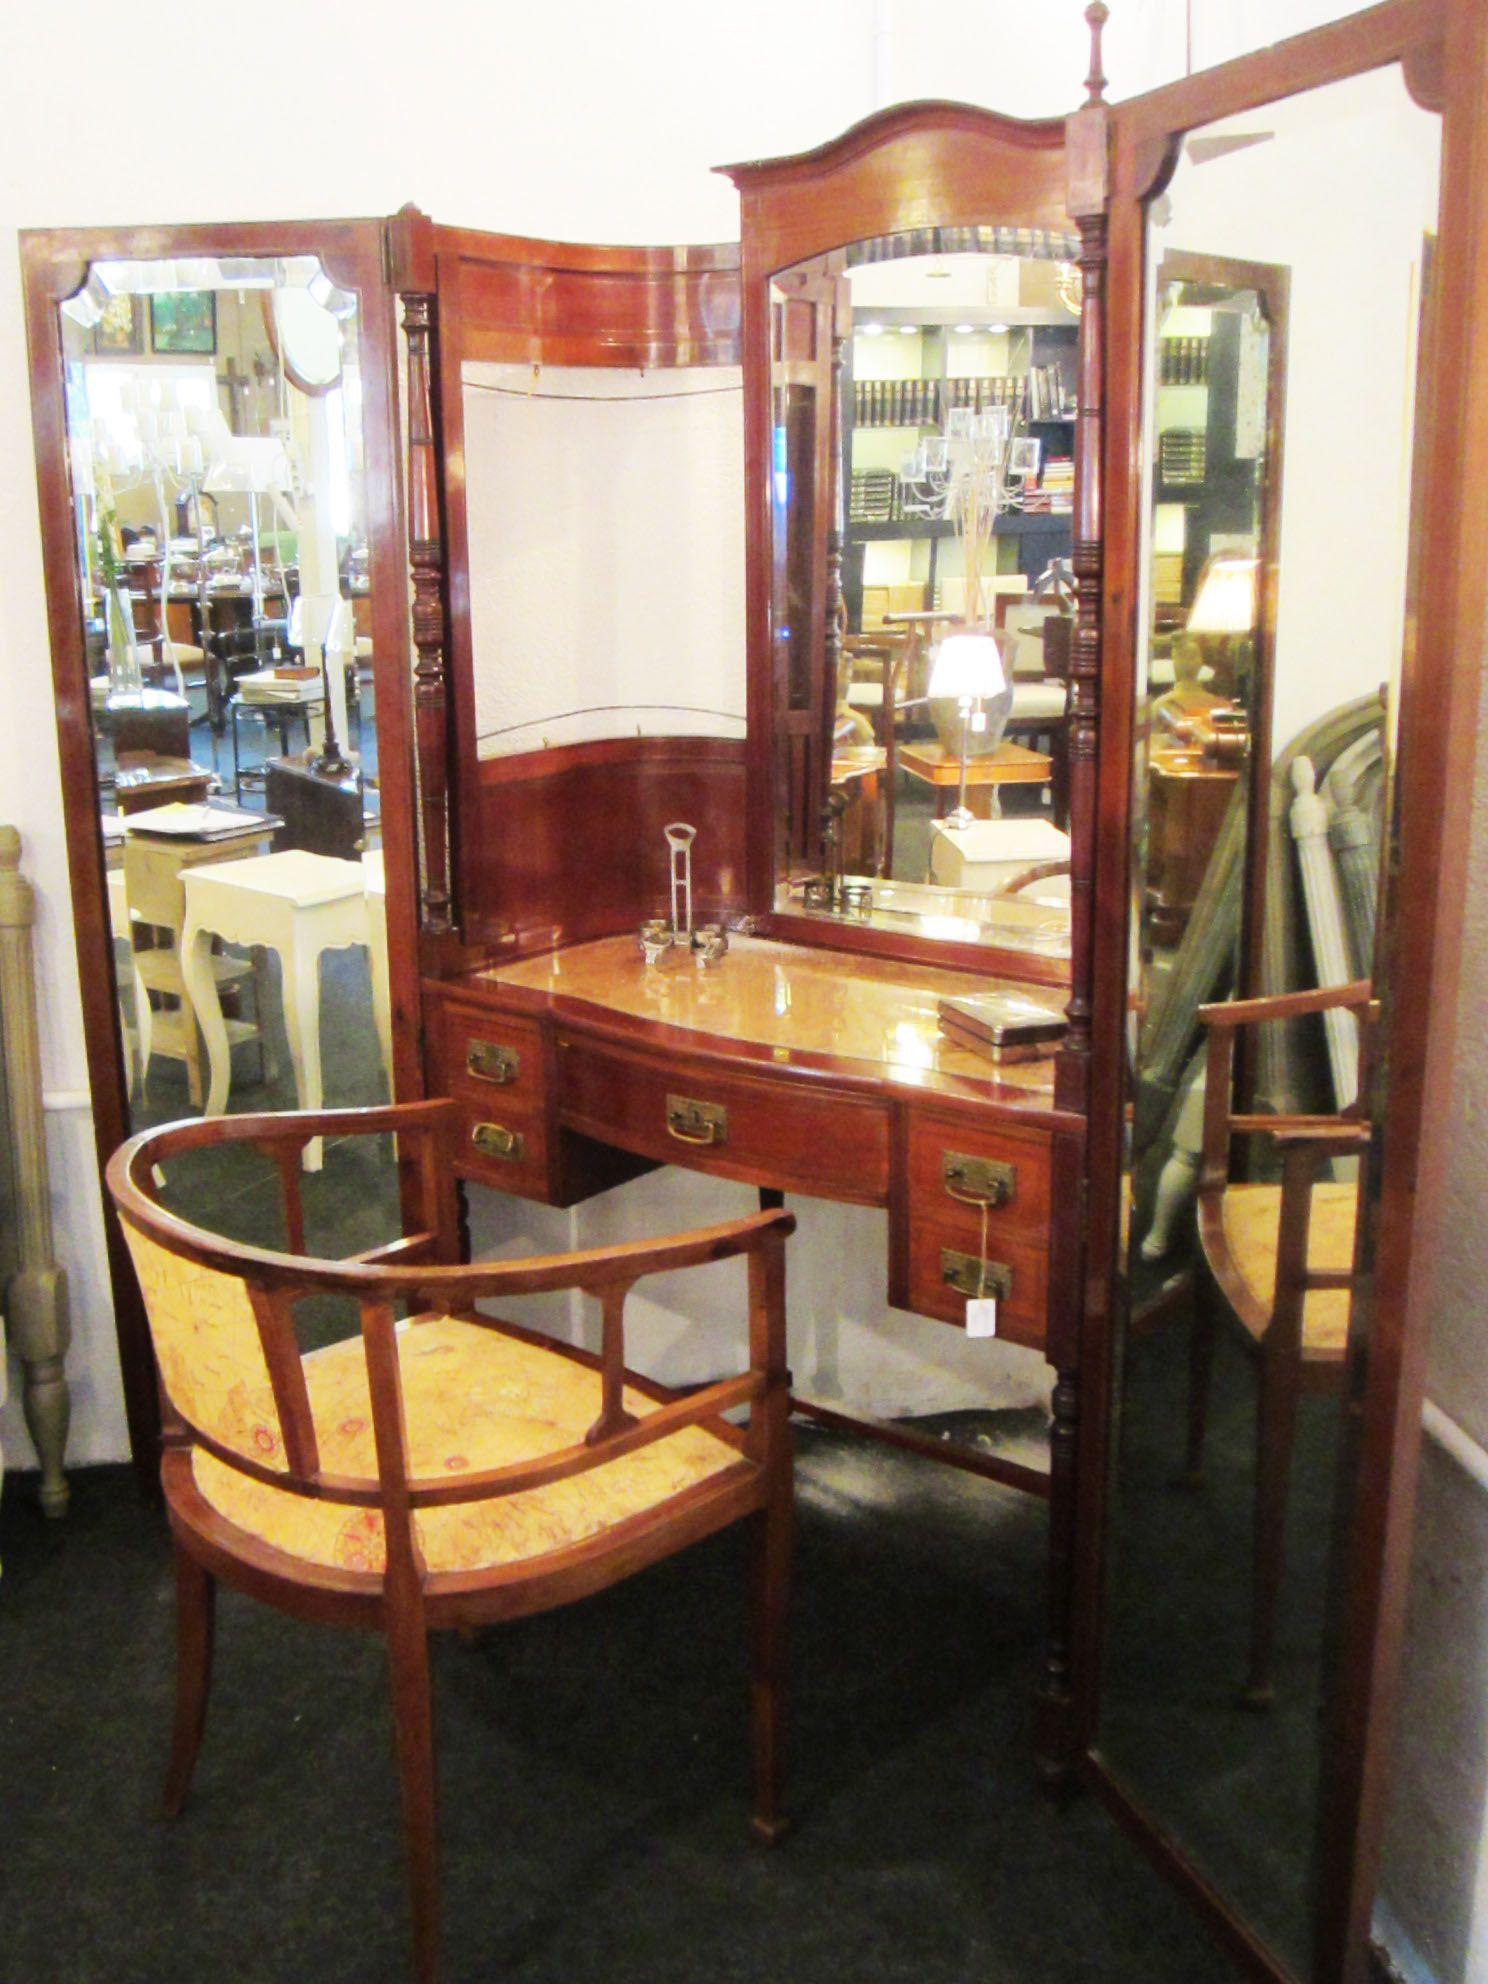 Maravilloso tocador con silla en madera de caoba - Sillas para tocador ...